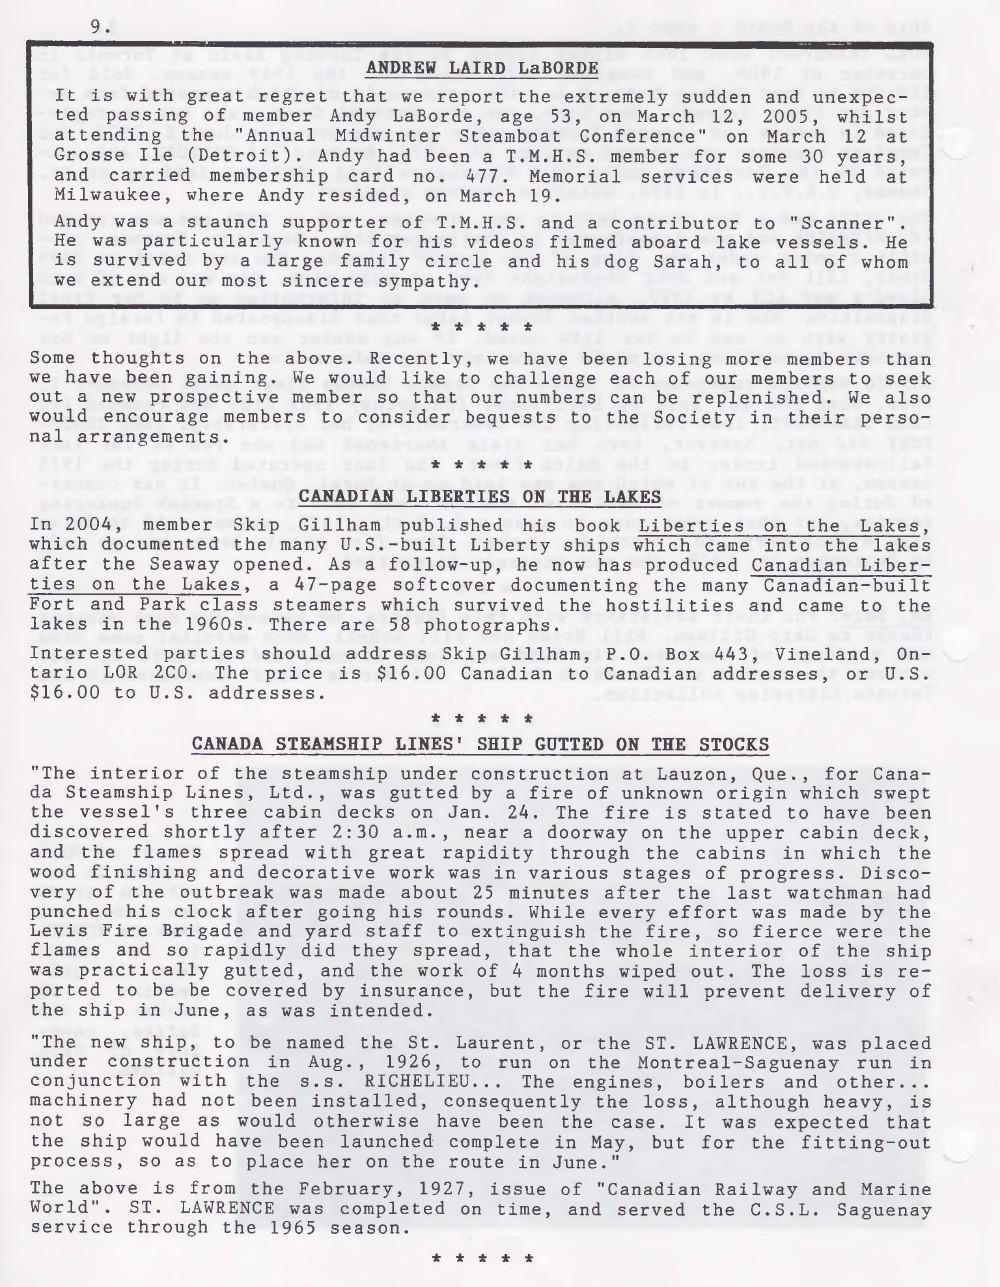 Scanner, v. 37, no. 6 (April 2005)